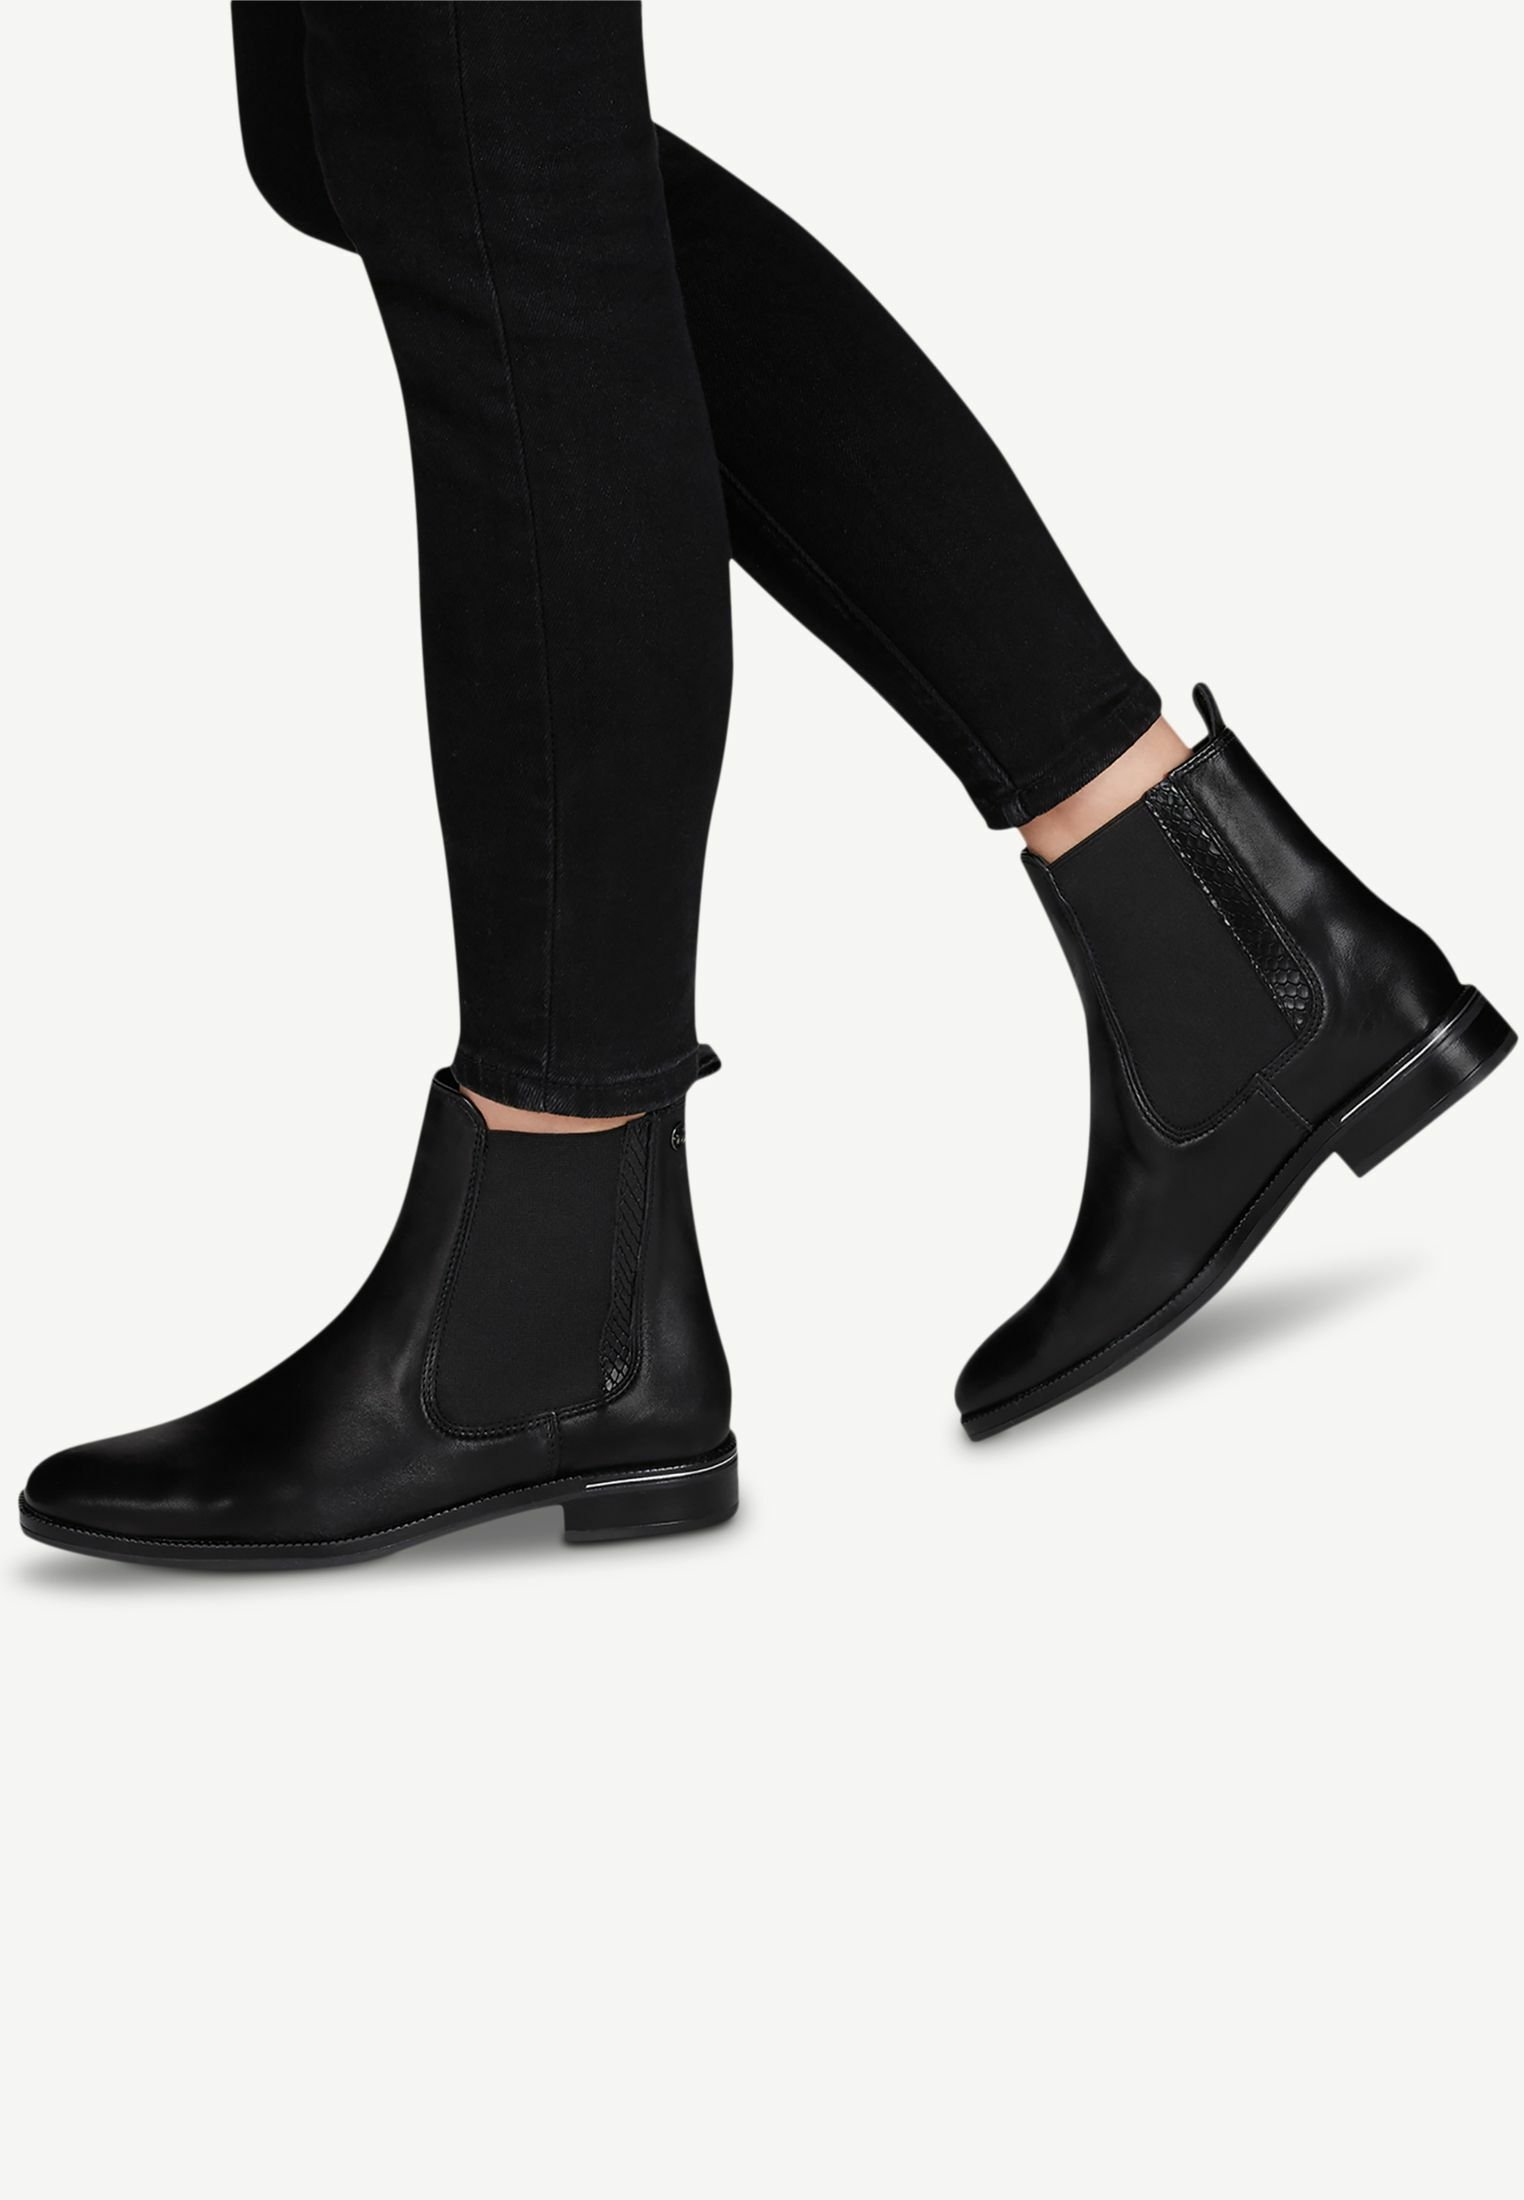 Gabor Klassische Stiefeletten | Bei Zalando shoppen